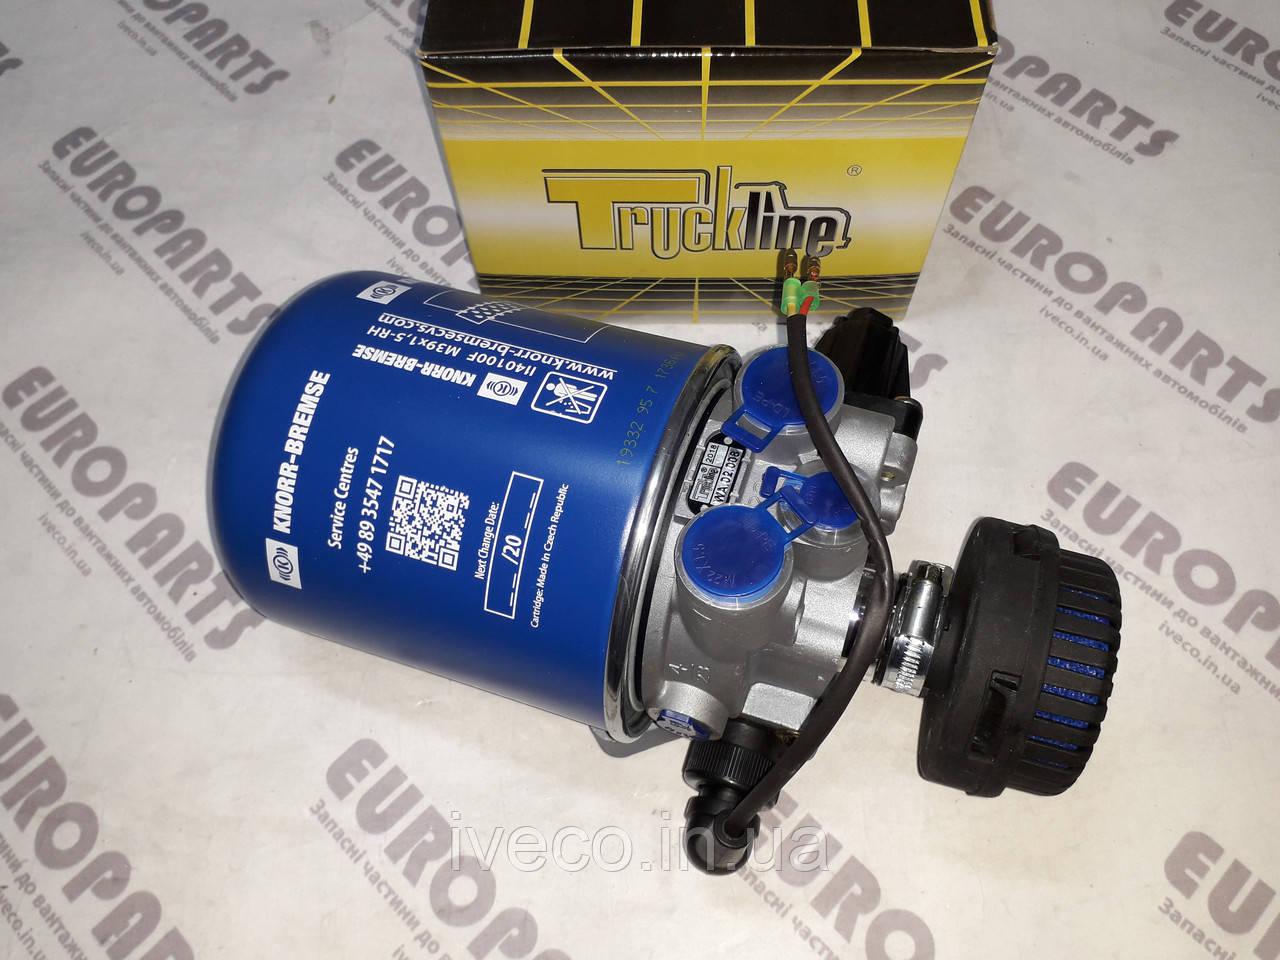 Кран осушителя воздуха  MAN DAF MB IVECO 12.5 bar с глушилкой кабелем подогревом с фильтром 4324101100 LA6222